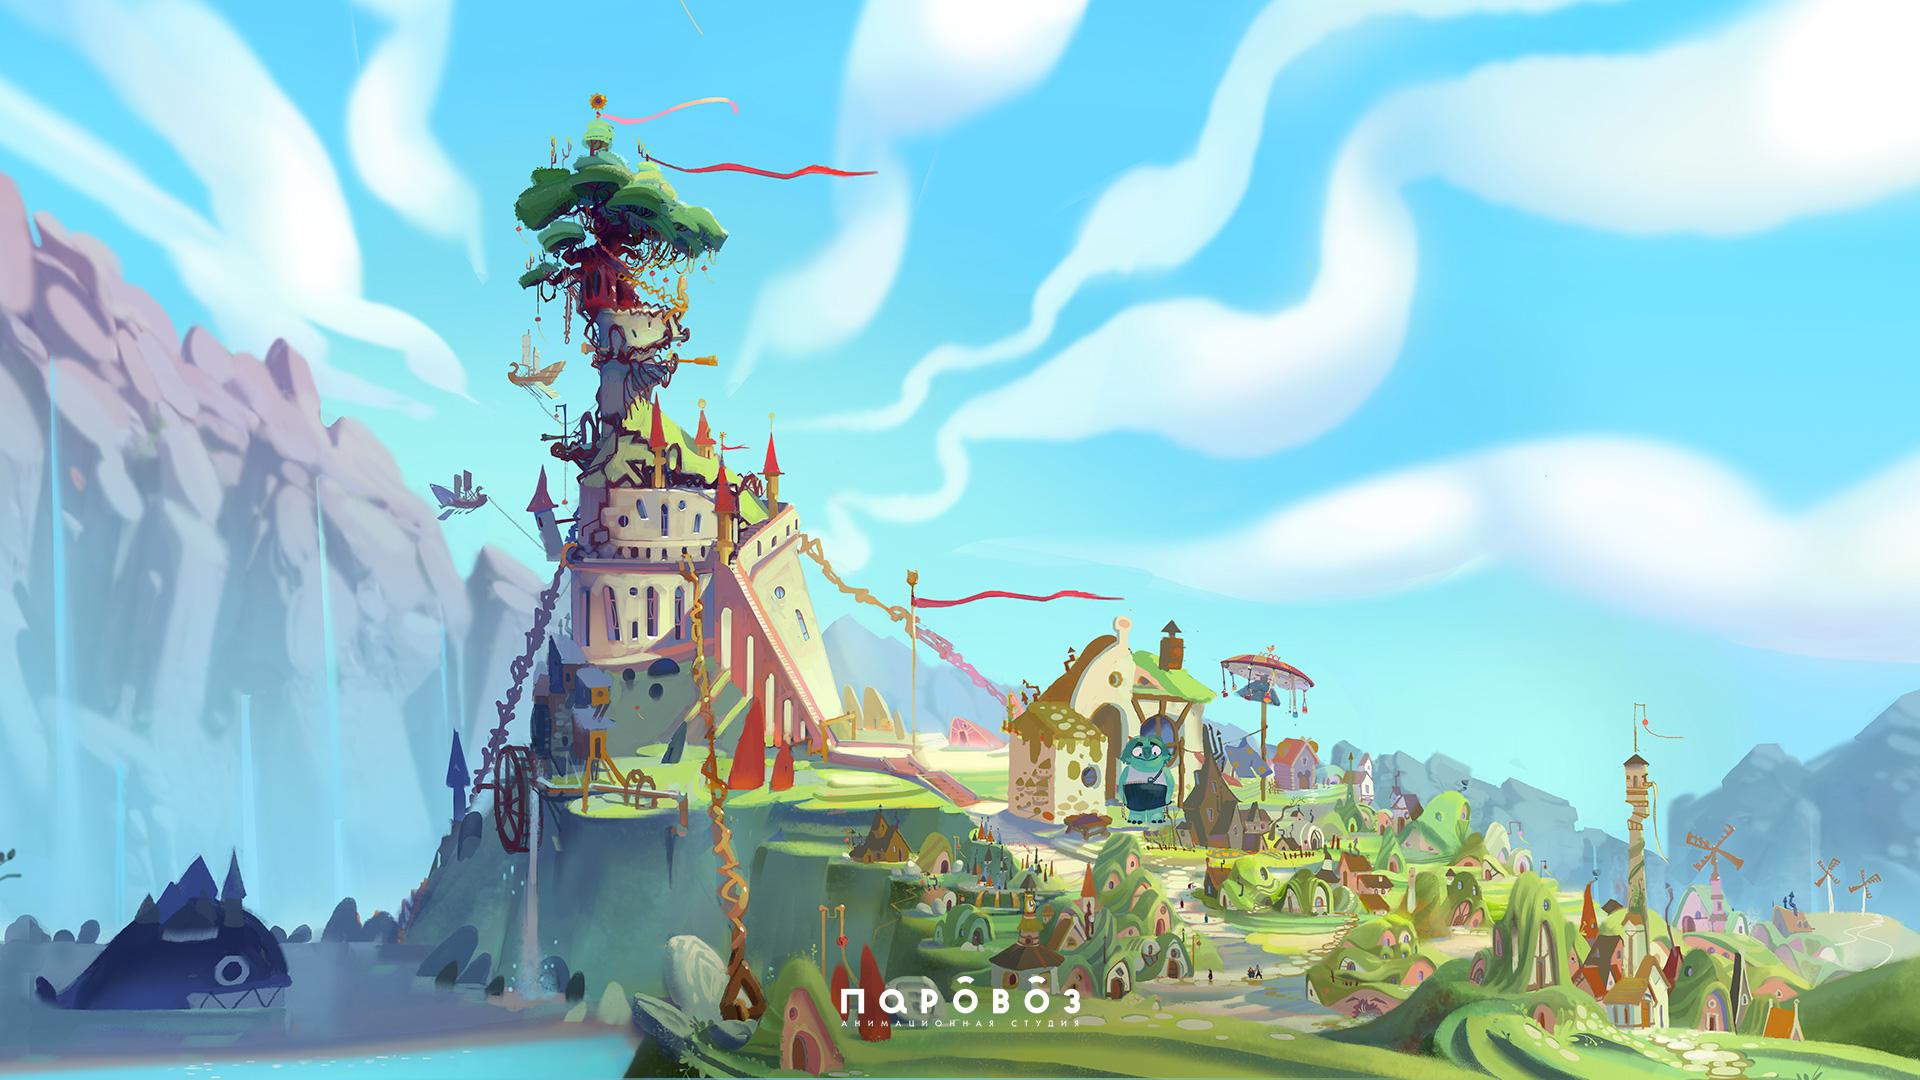 Настоящая история Кощея от анимационной студии Паровоз • Концепт города